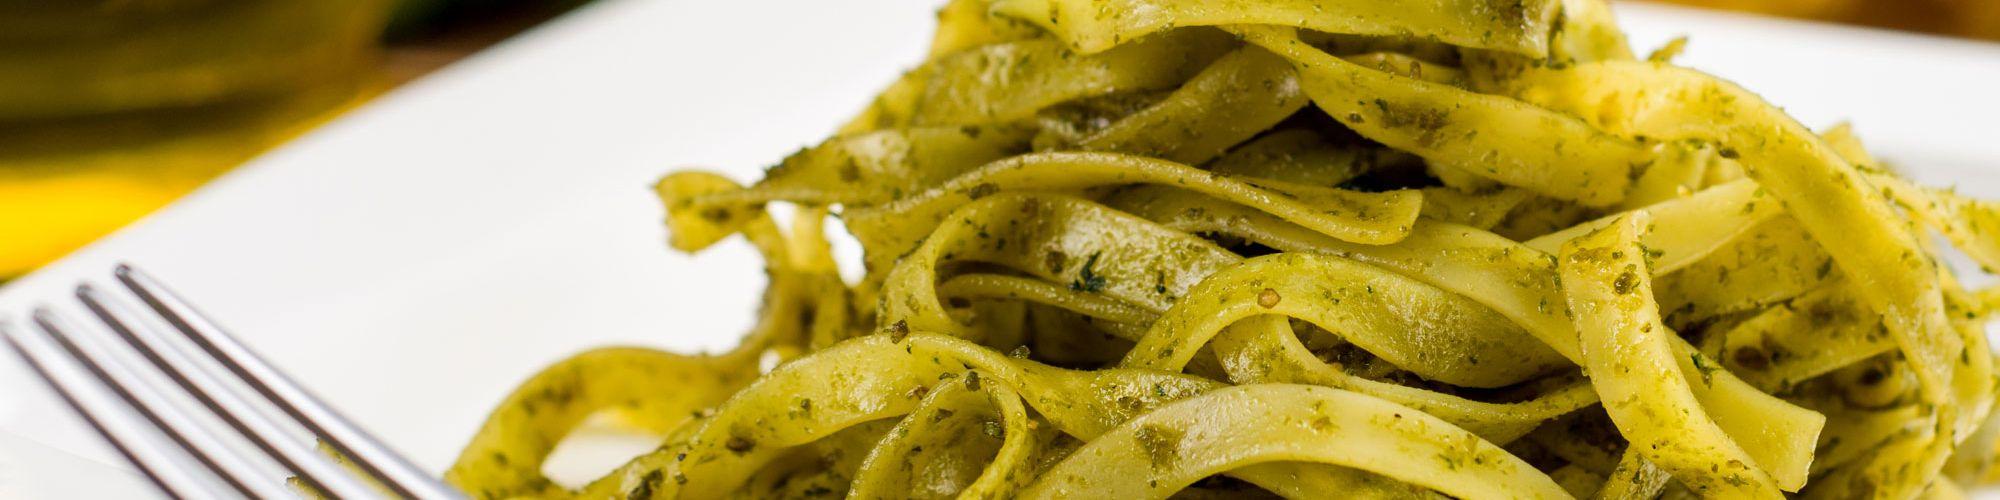 ricetta Tagliatelle al pesto di zucchine mandorle e menta con pasta fresca